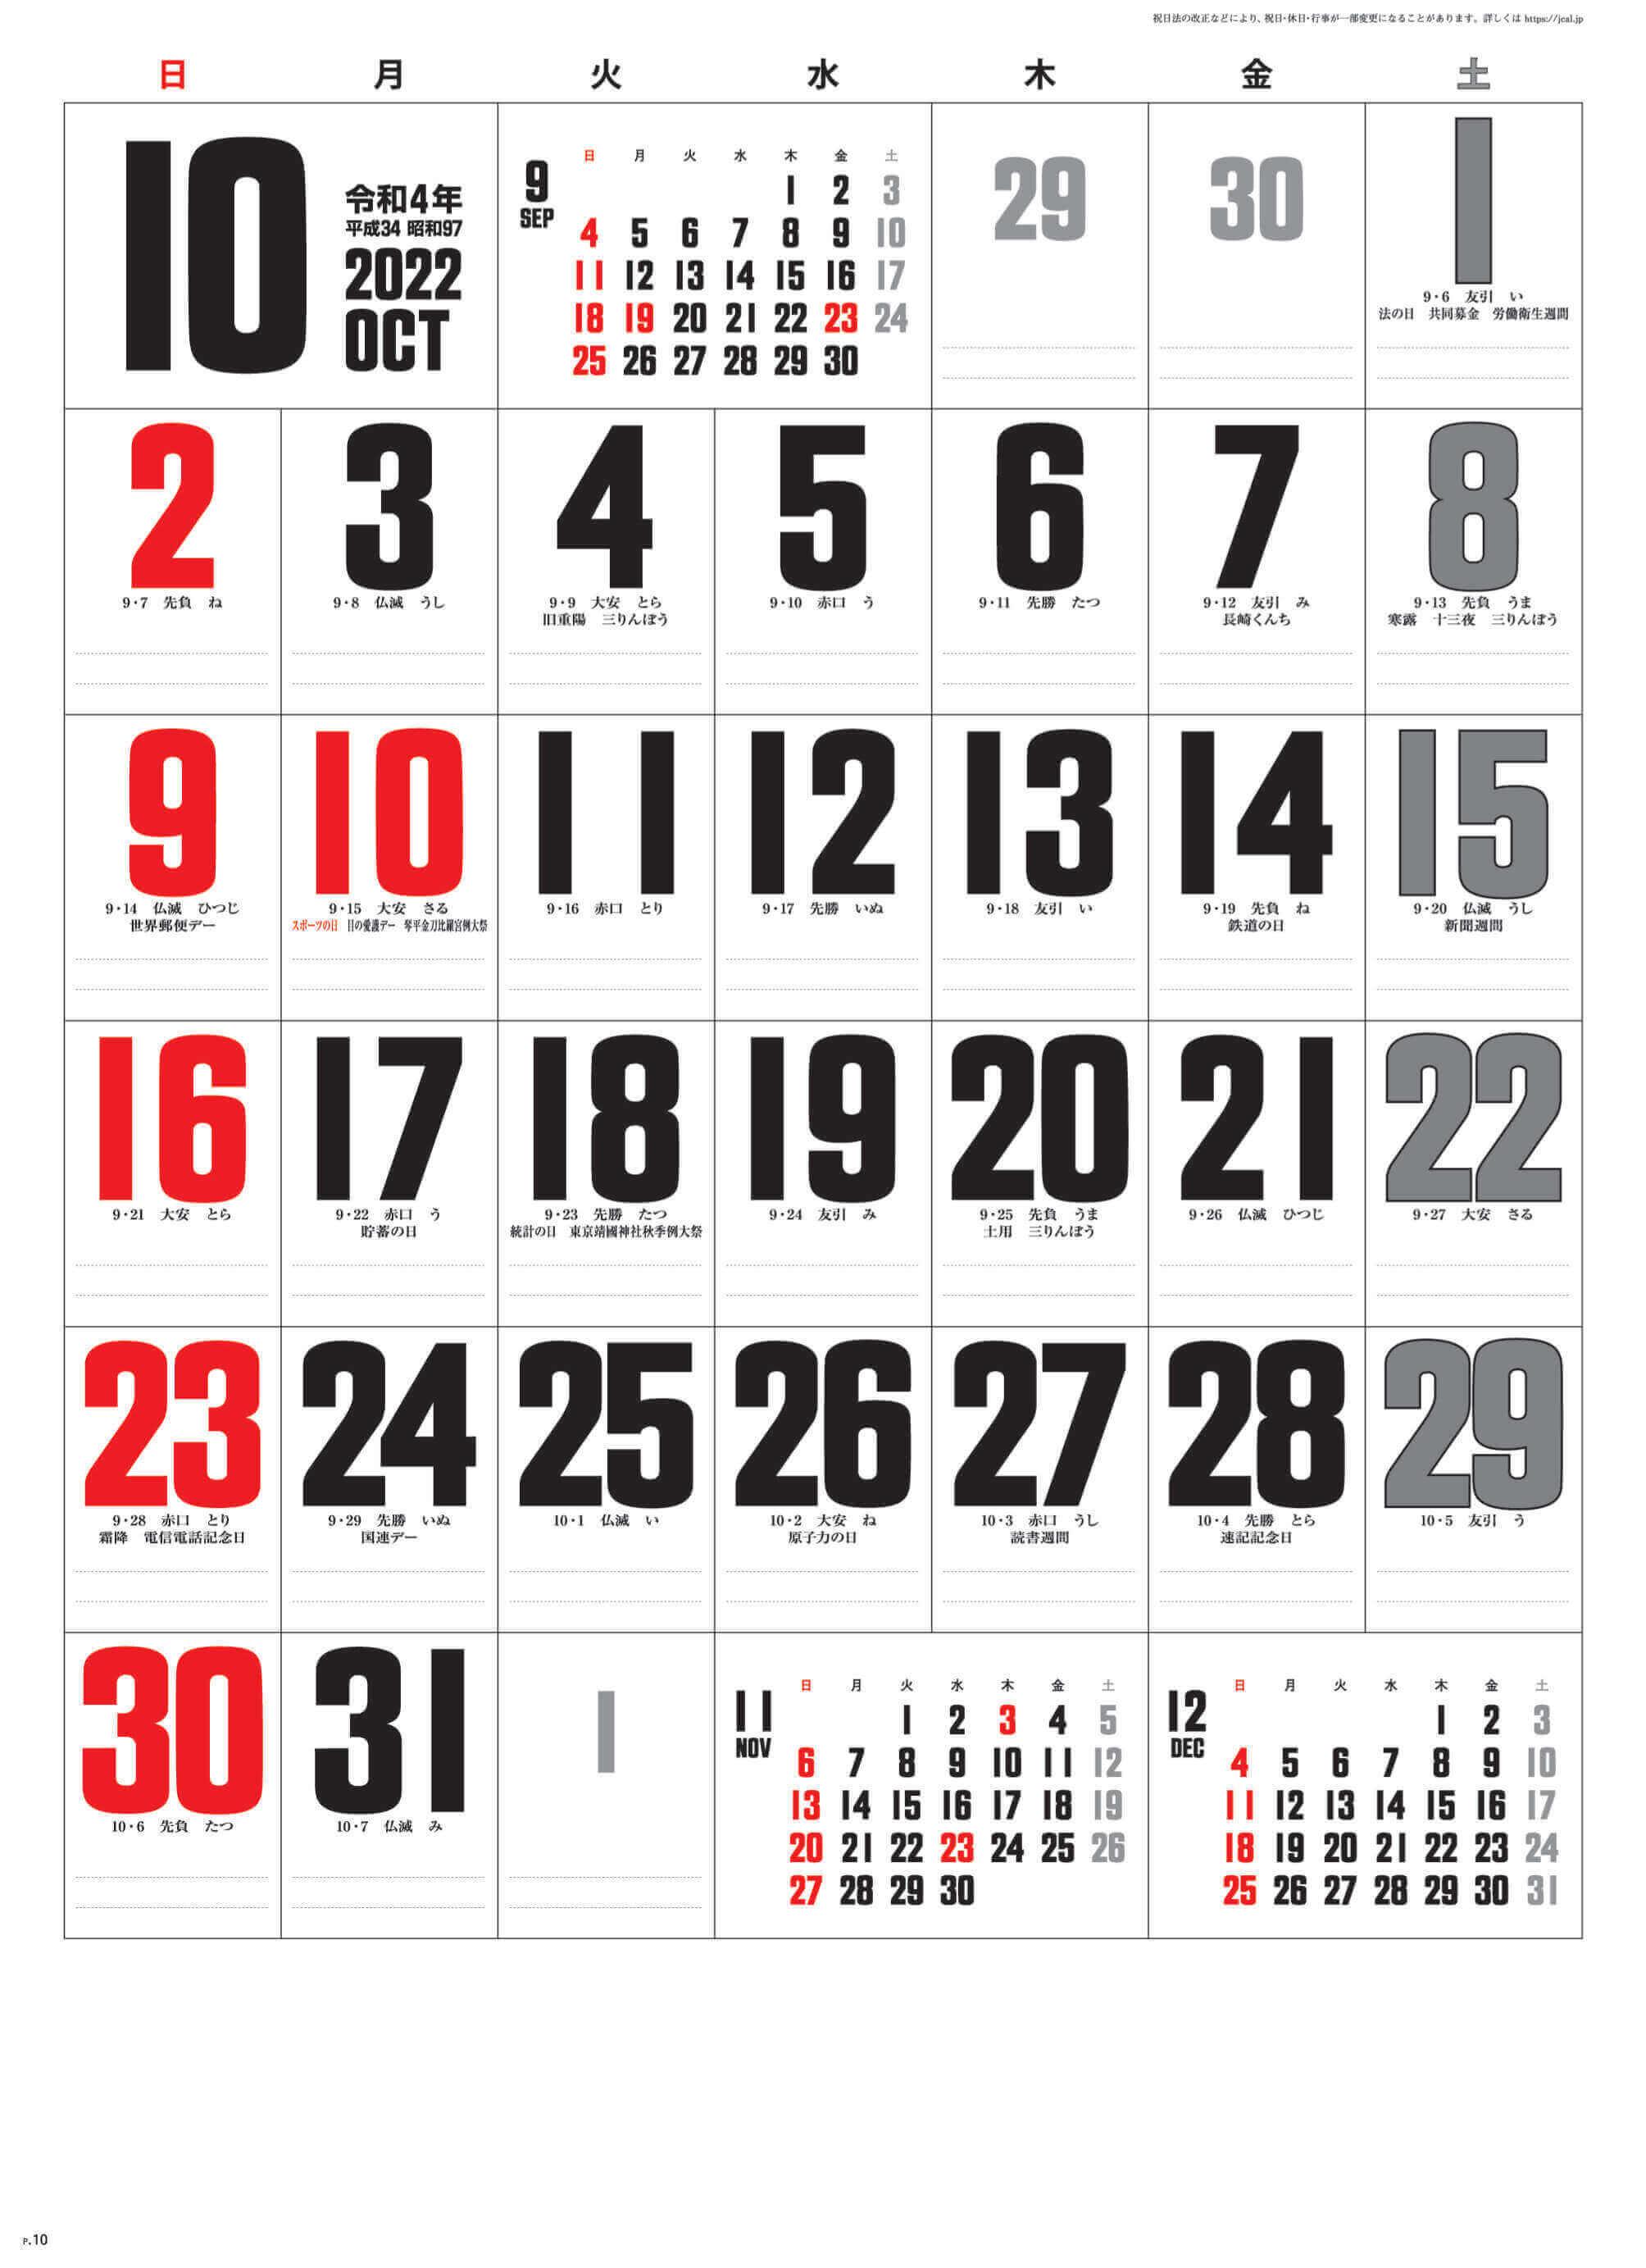 見やすさ抜グン 2022年カレンダーの画像